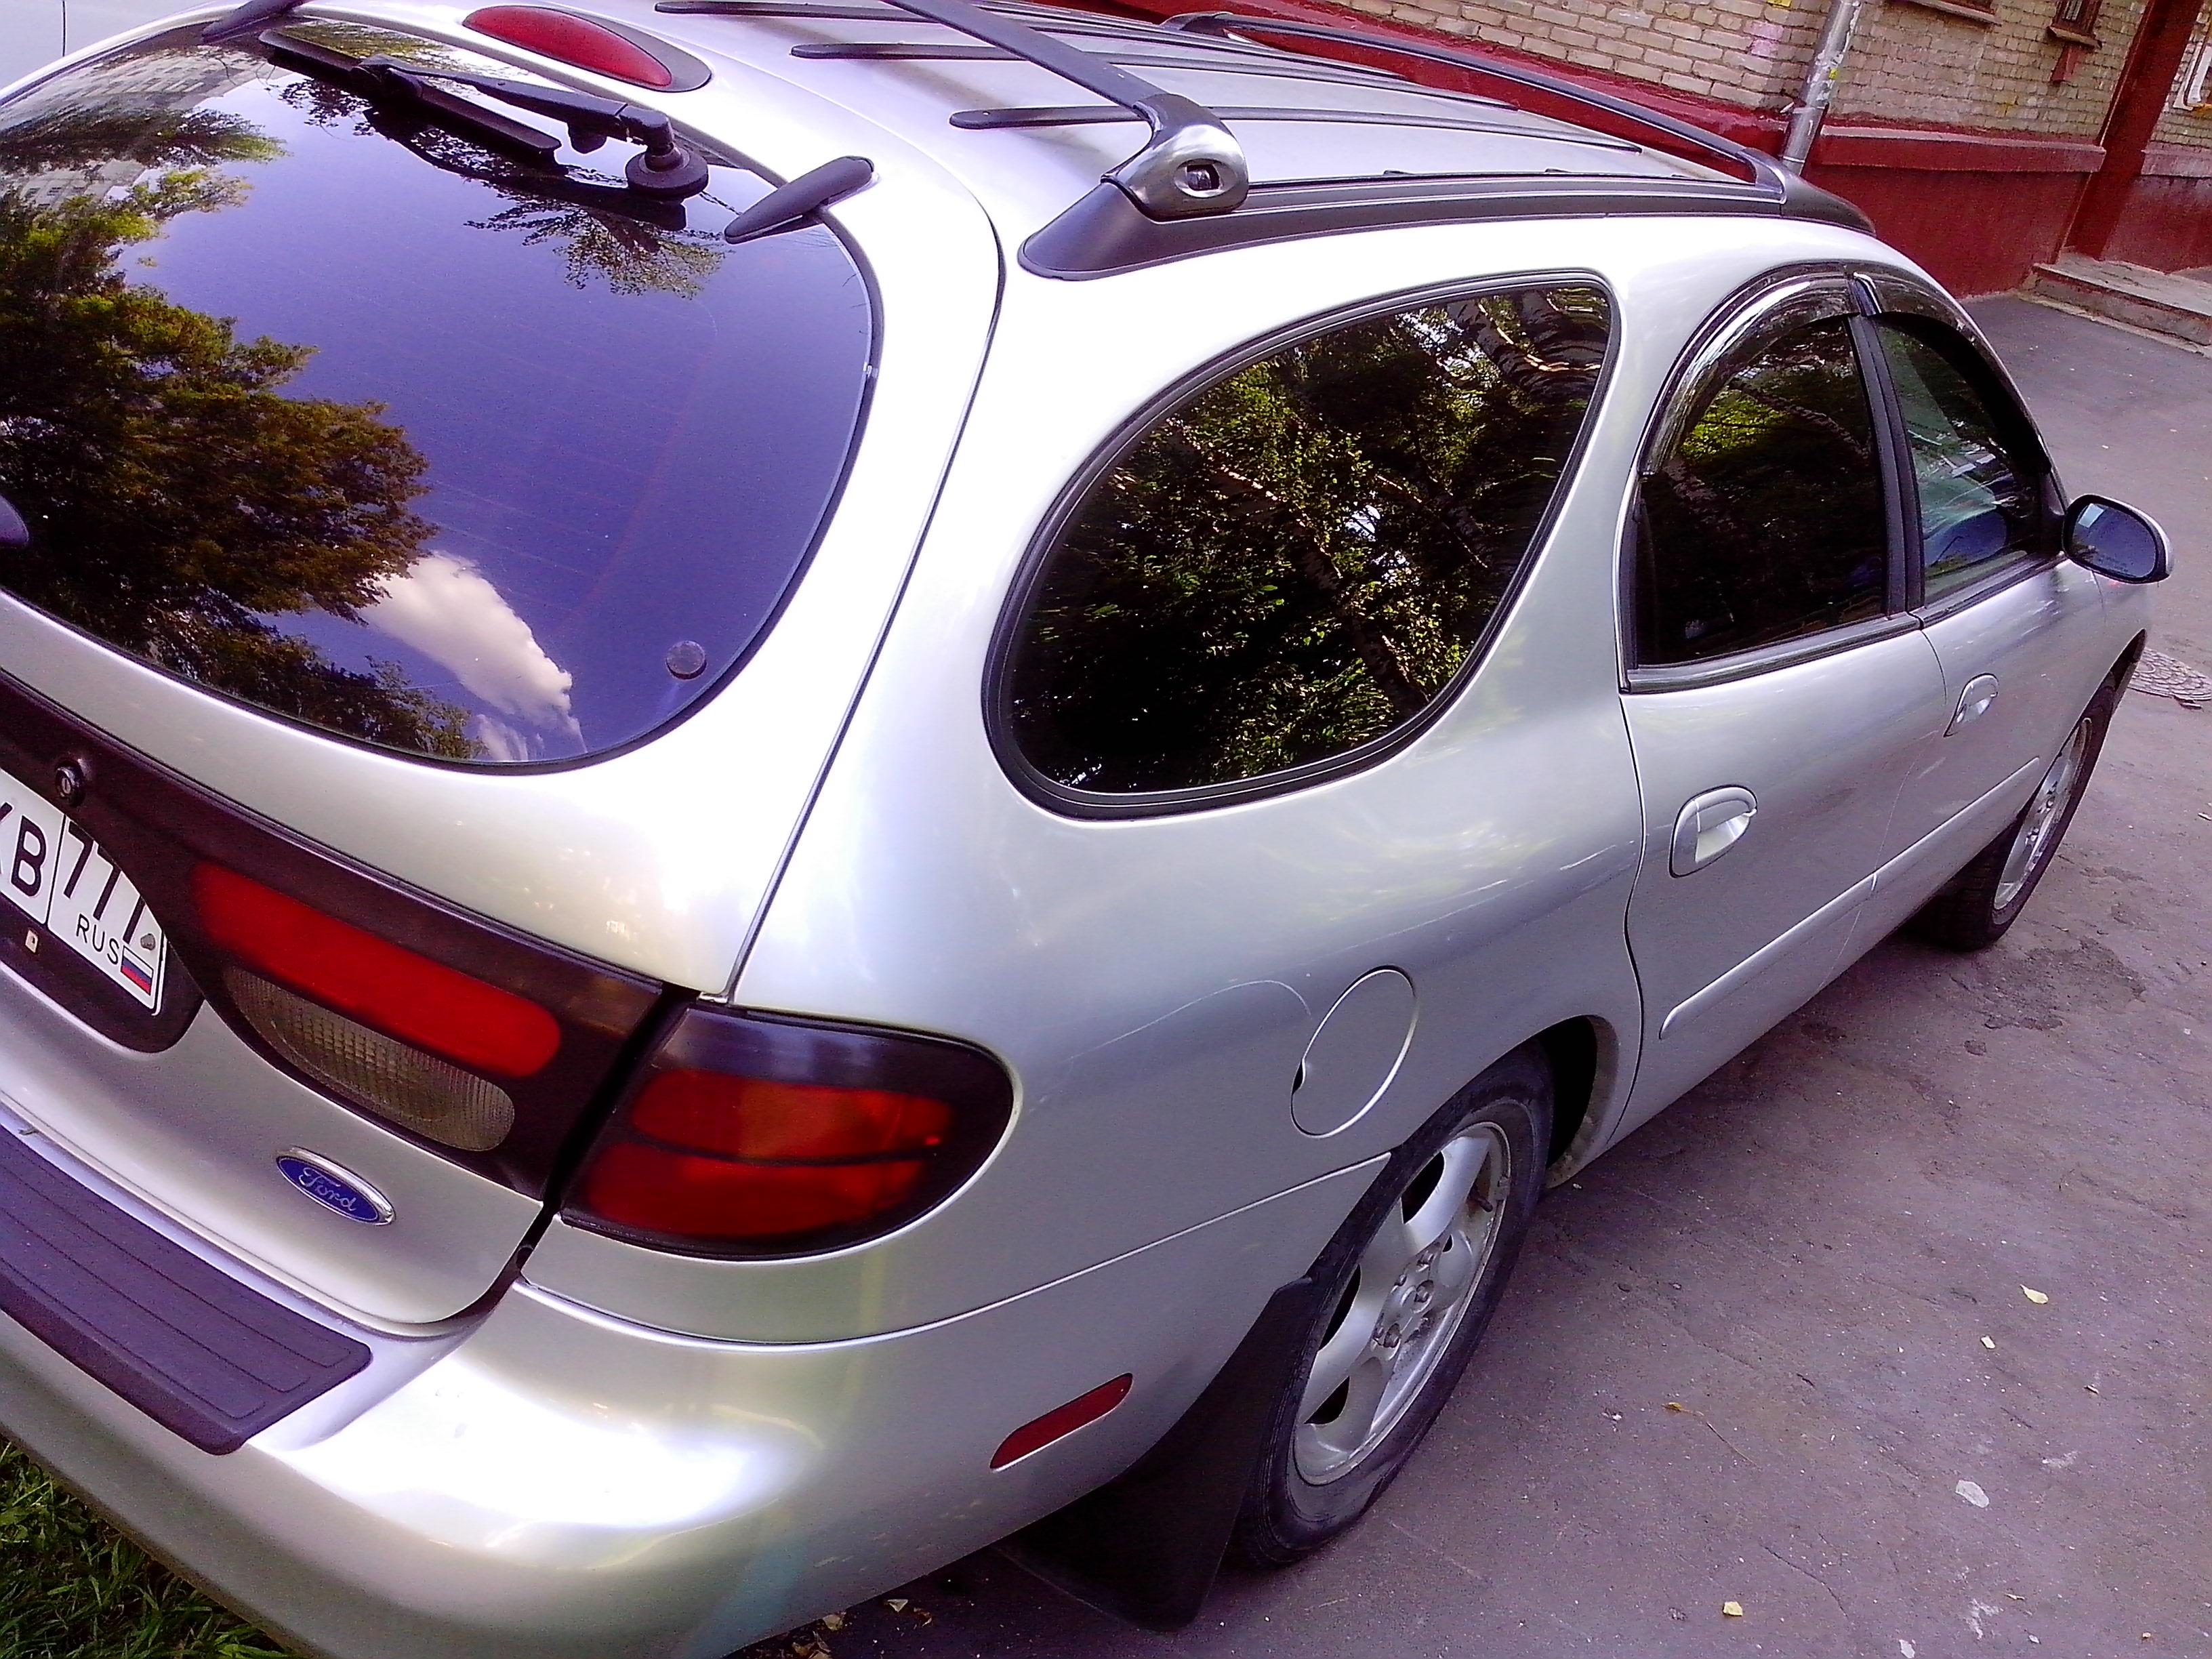 фары форд таурус новые купить 2002 год #9